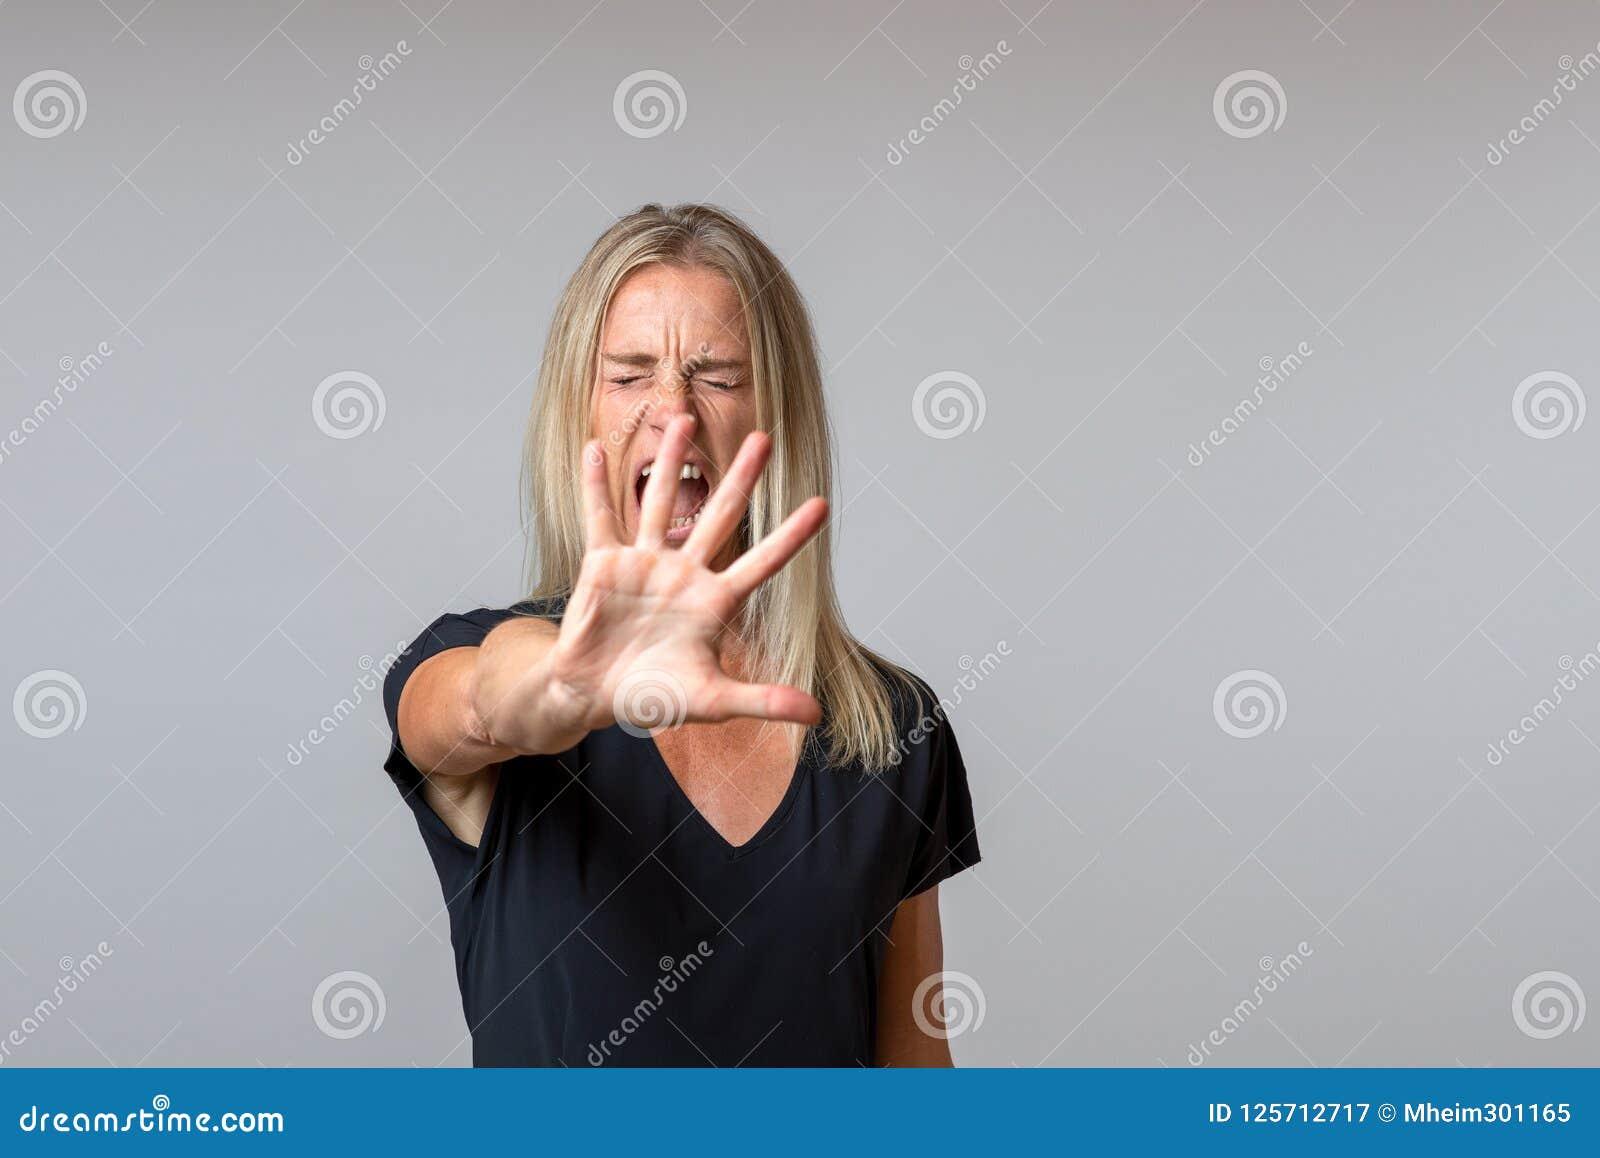 Dringende arrogante Frau, die mit ihrer Hand gestikuliert